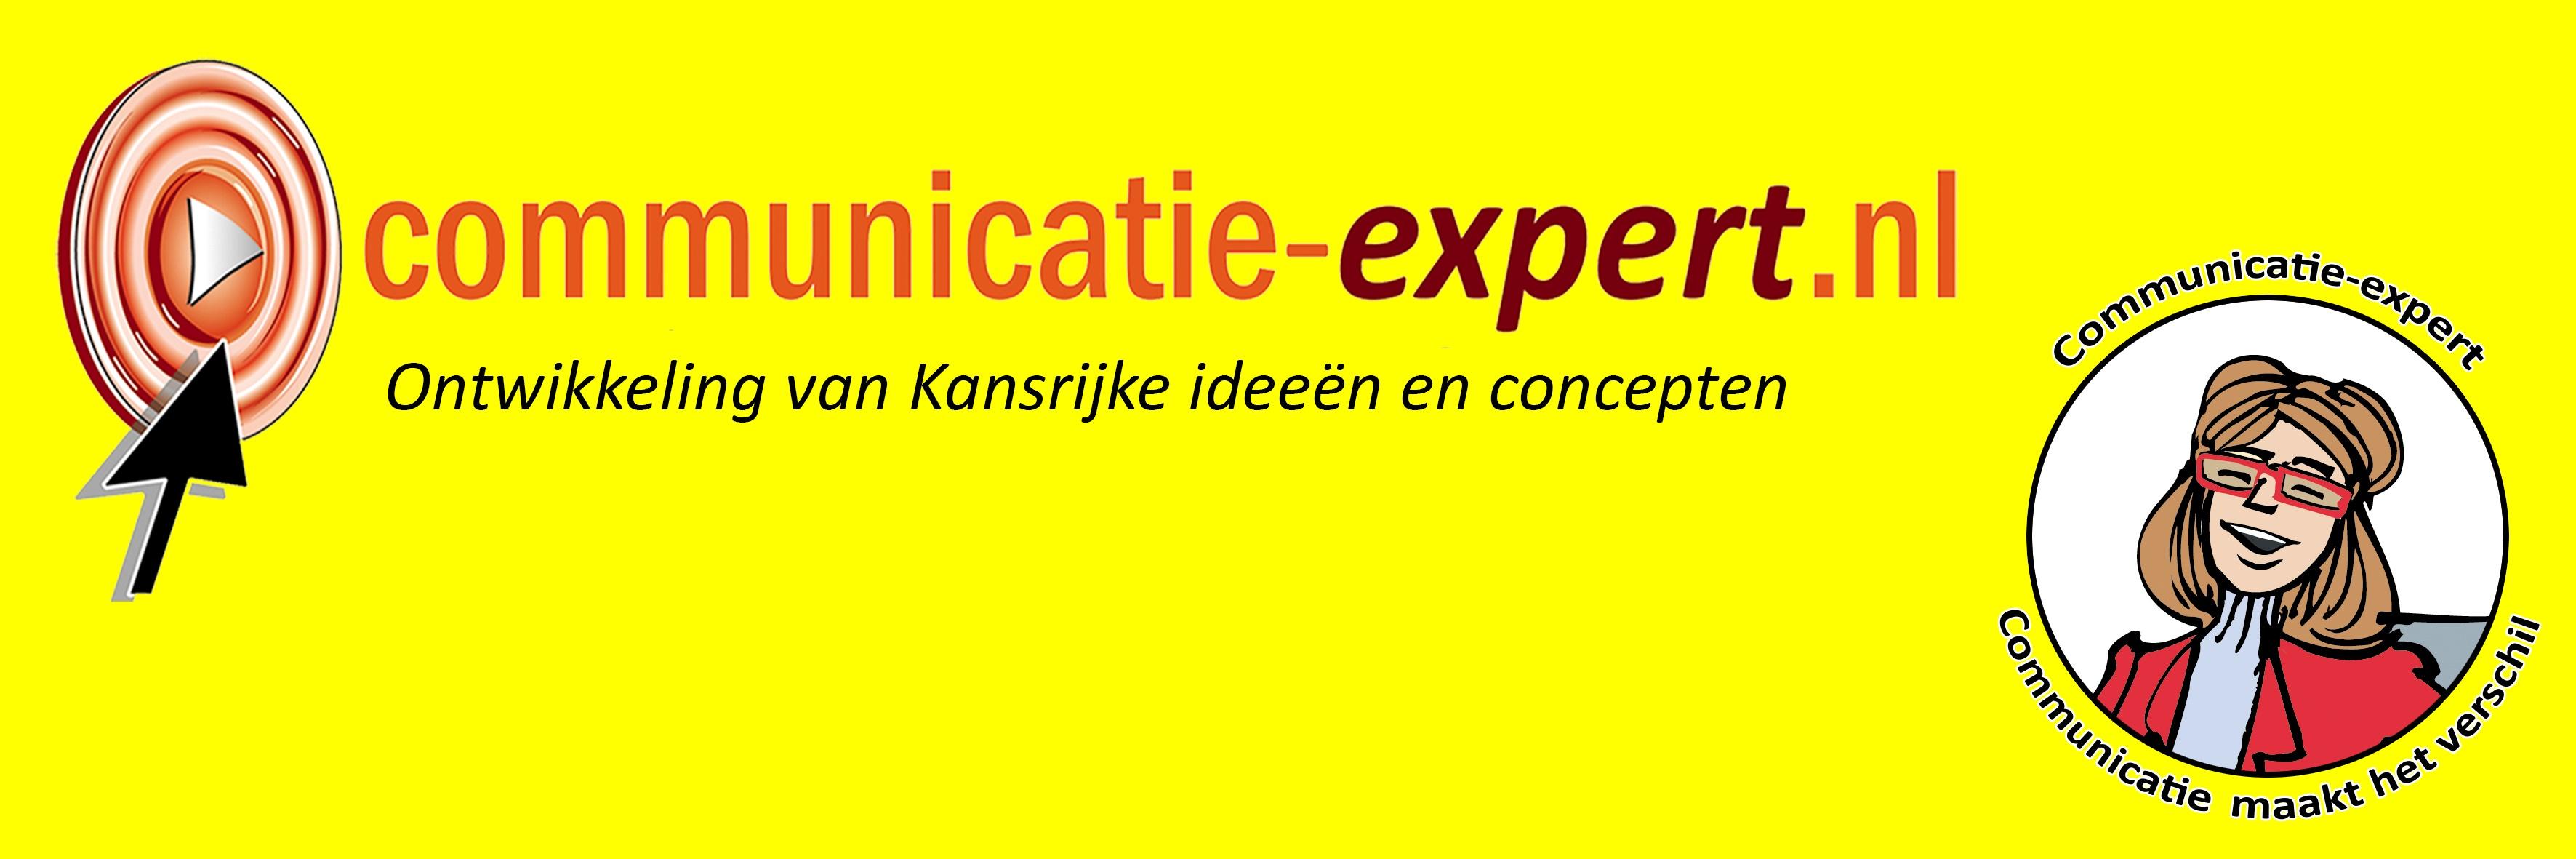 LOGO-volledig-Communicatie-expert-maakt-het-positieve-verschil-002